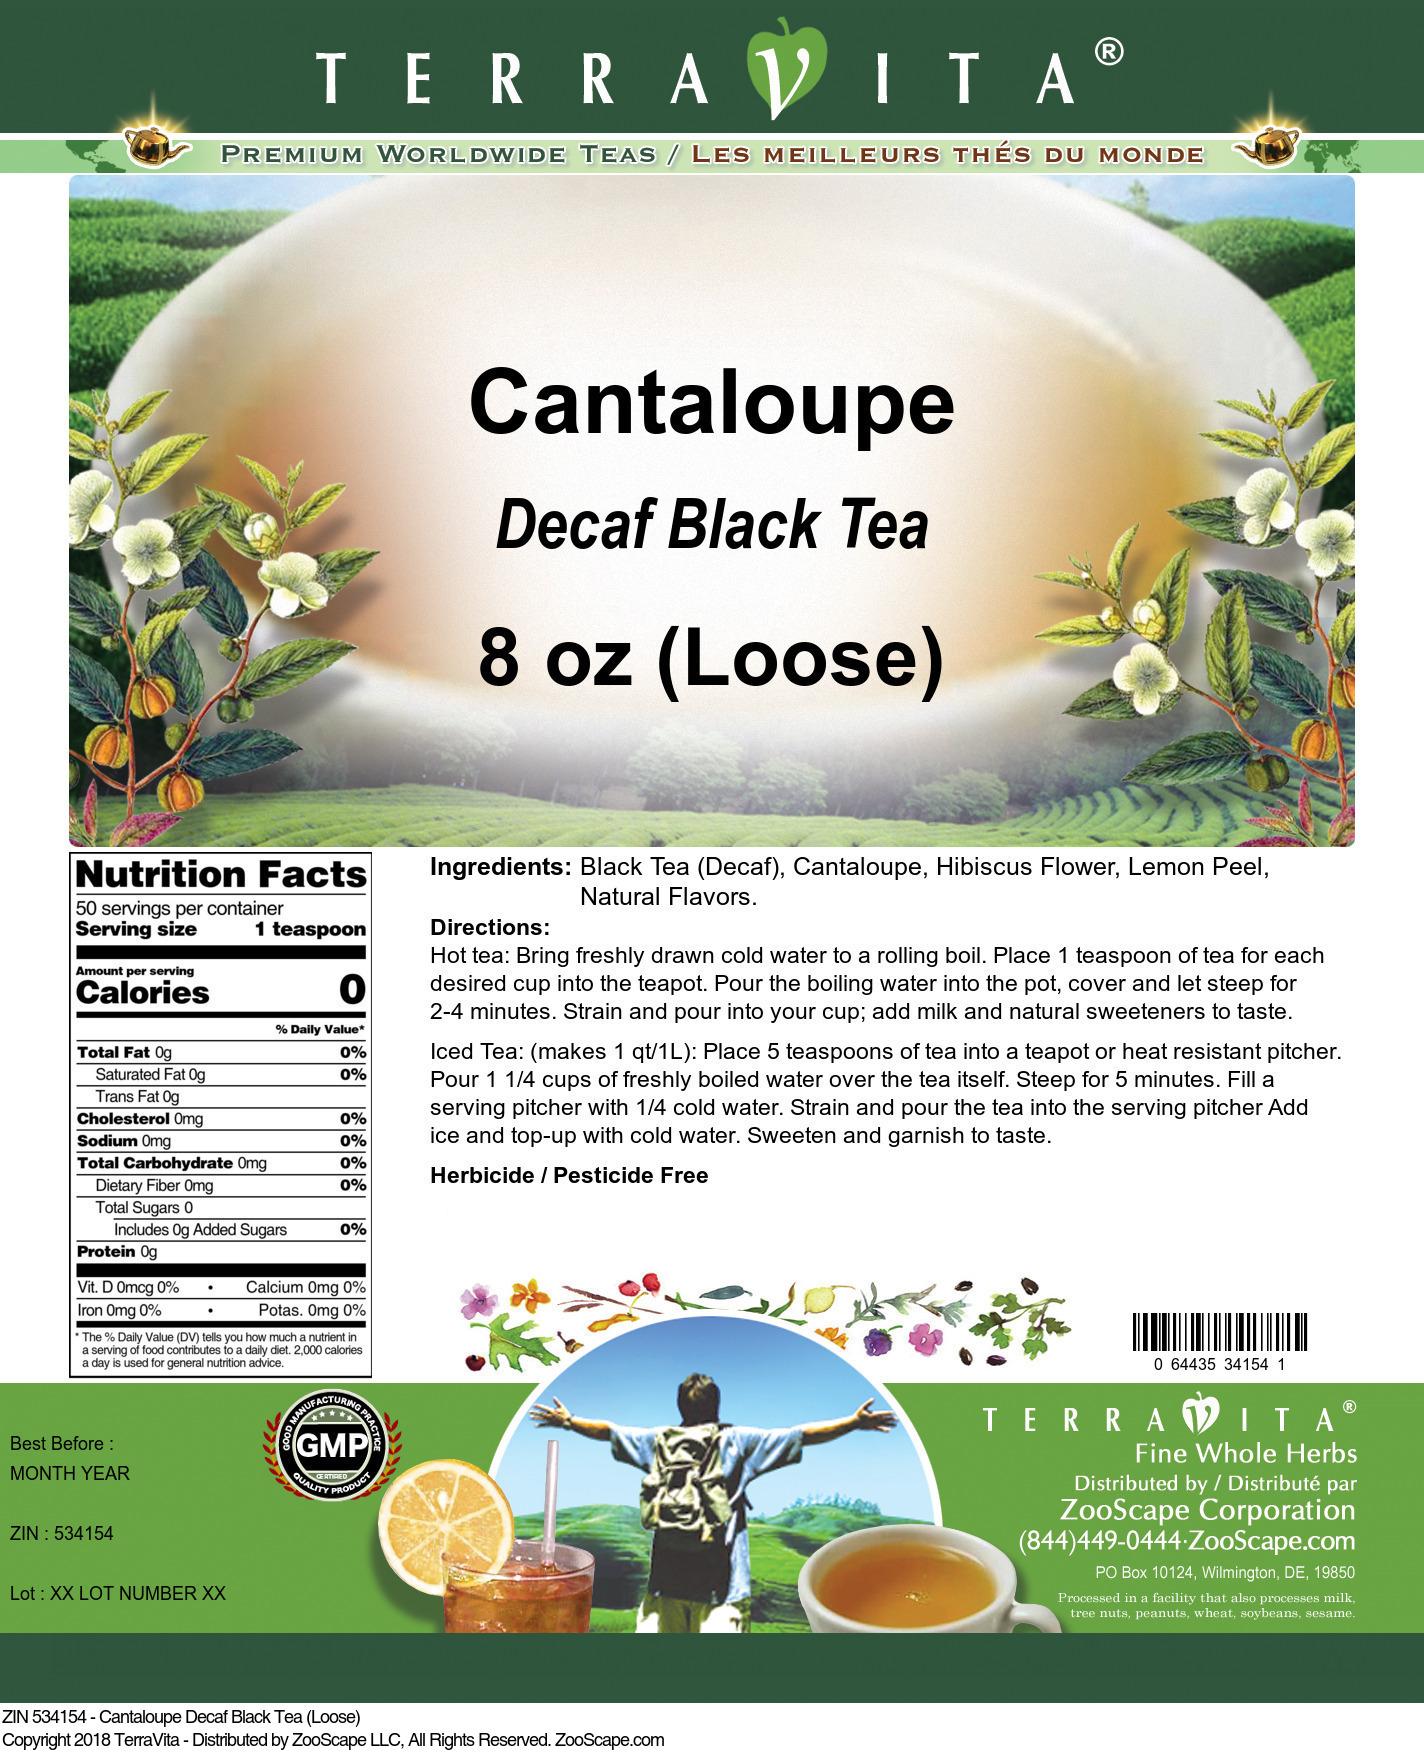 Cantaloupe Decaf Black Tea (Loose)